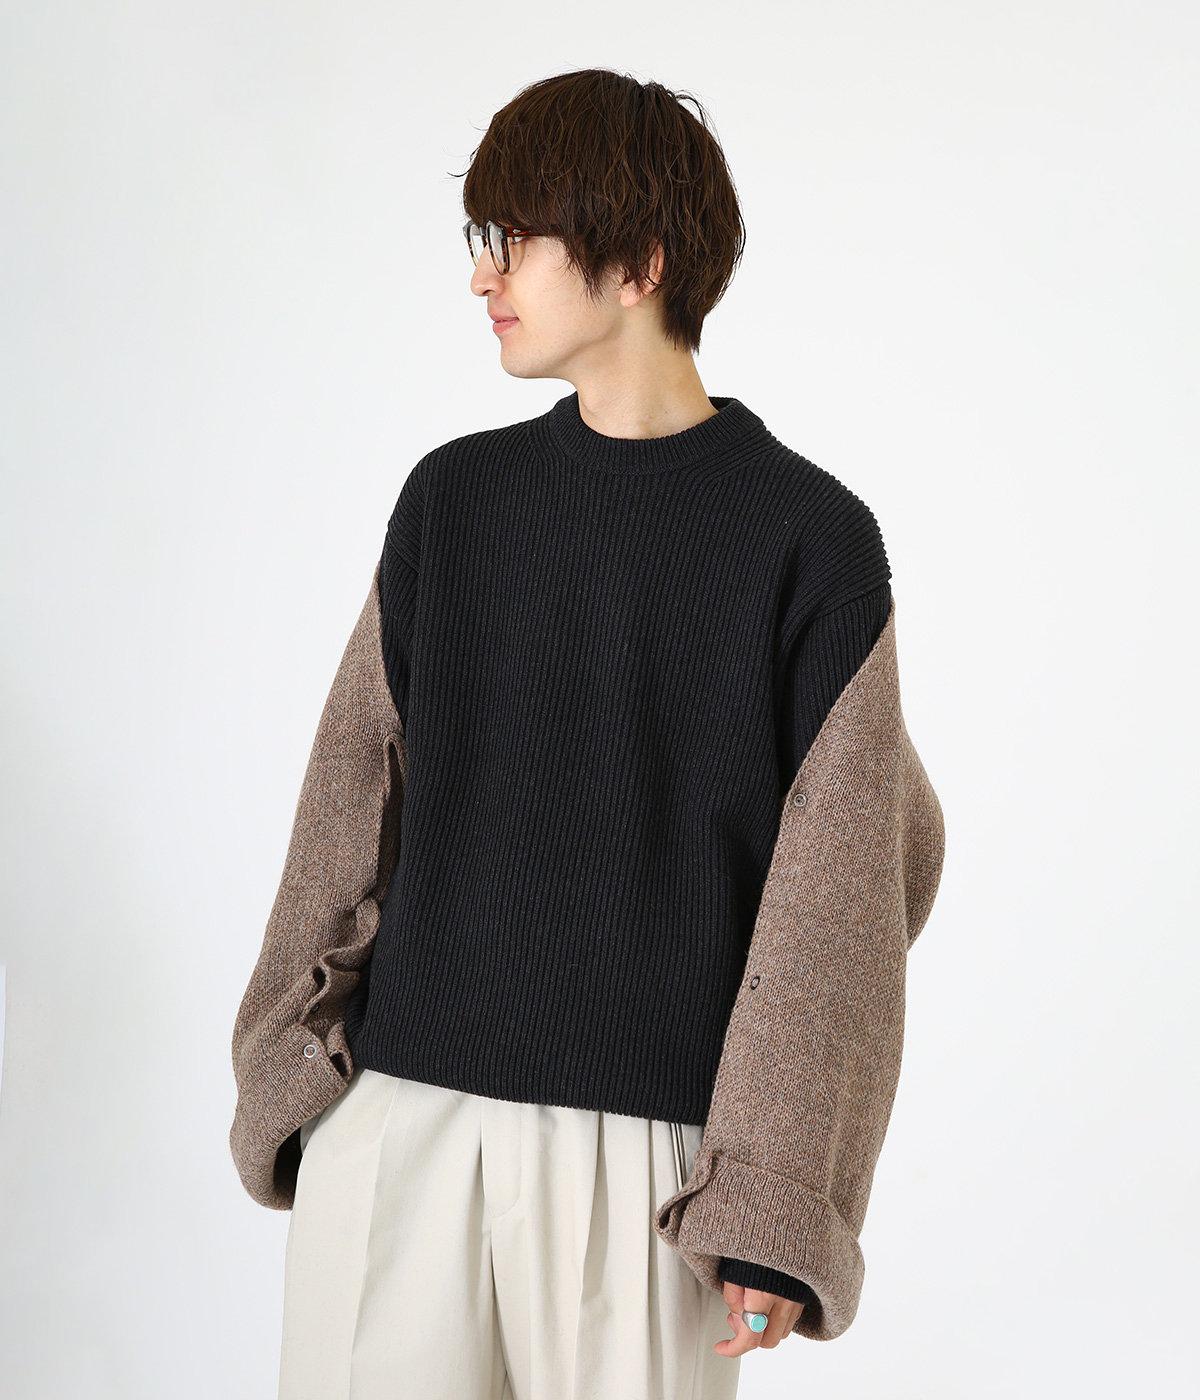 【モカ】KANZAWA ( 181㎝/60㎏ )